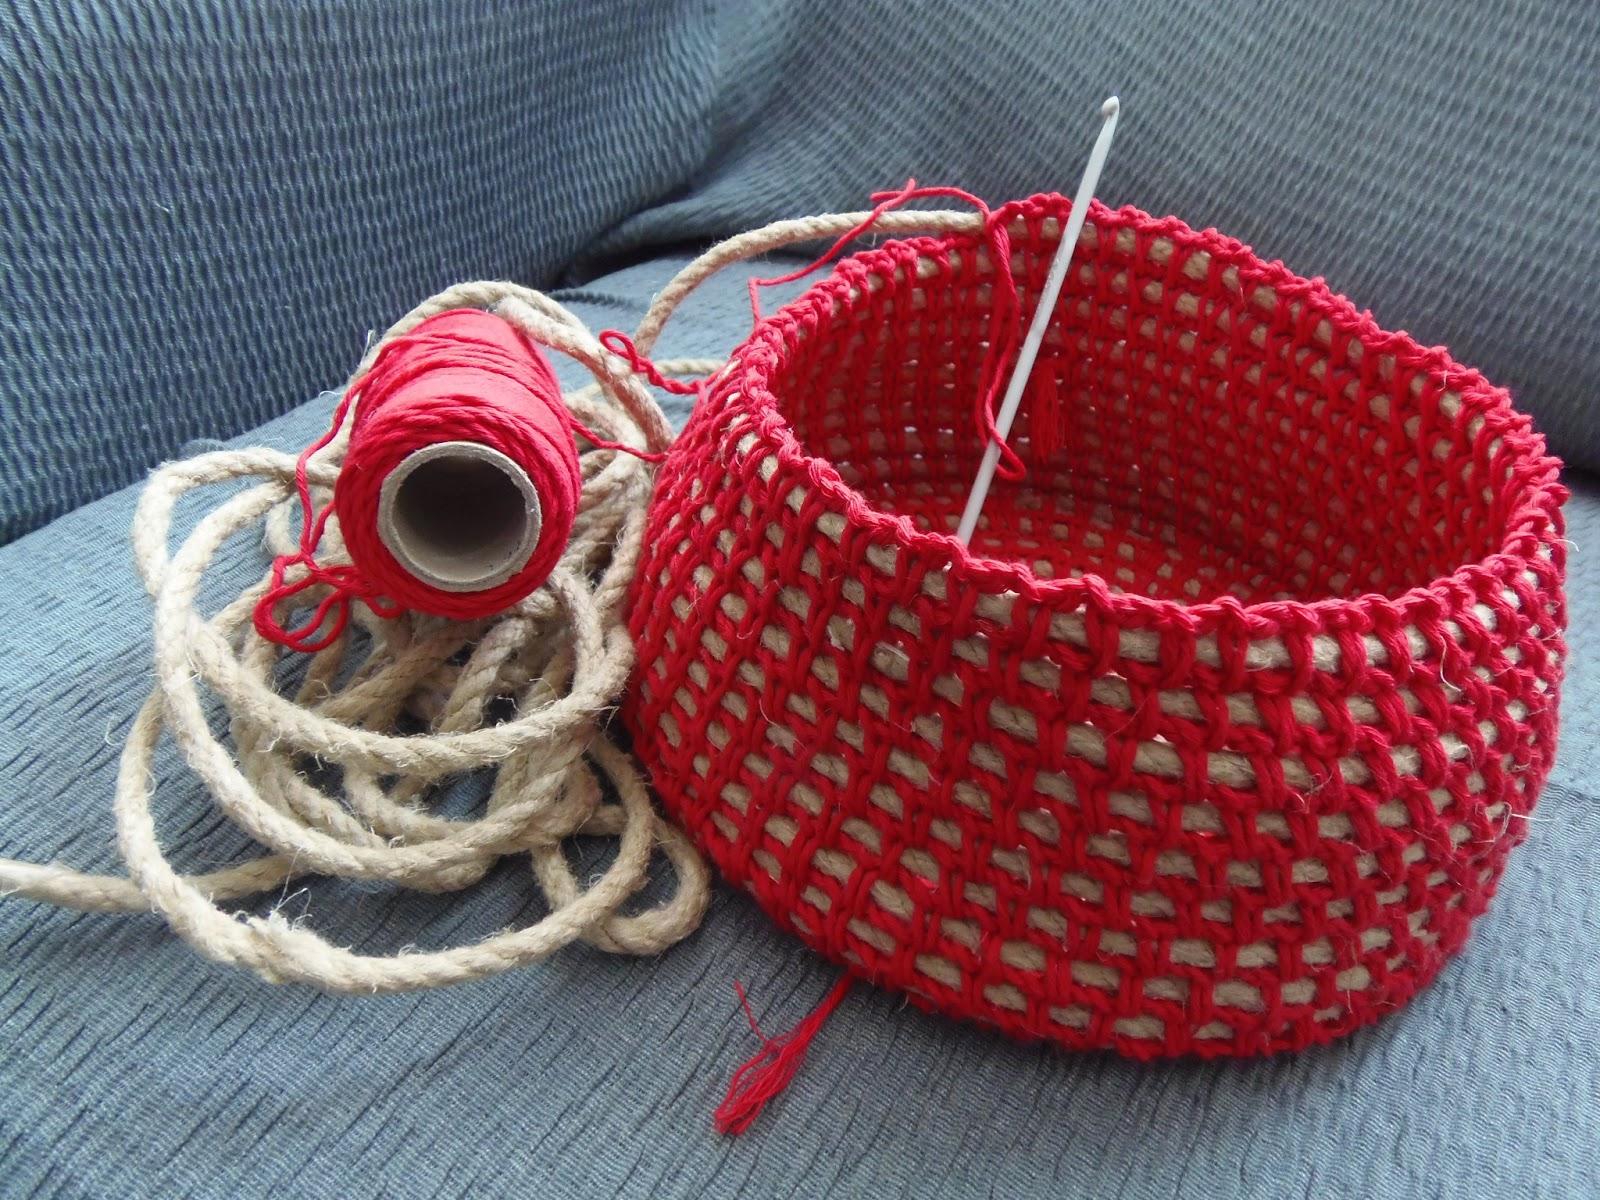 Susicoses cesta de cuerda e hilo - Cesta de cuerda y ganchillo ...